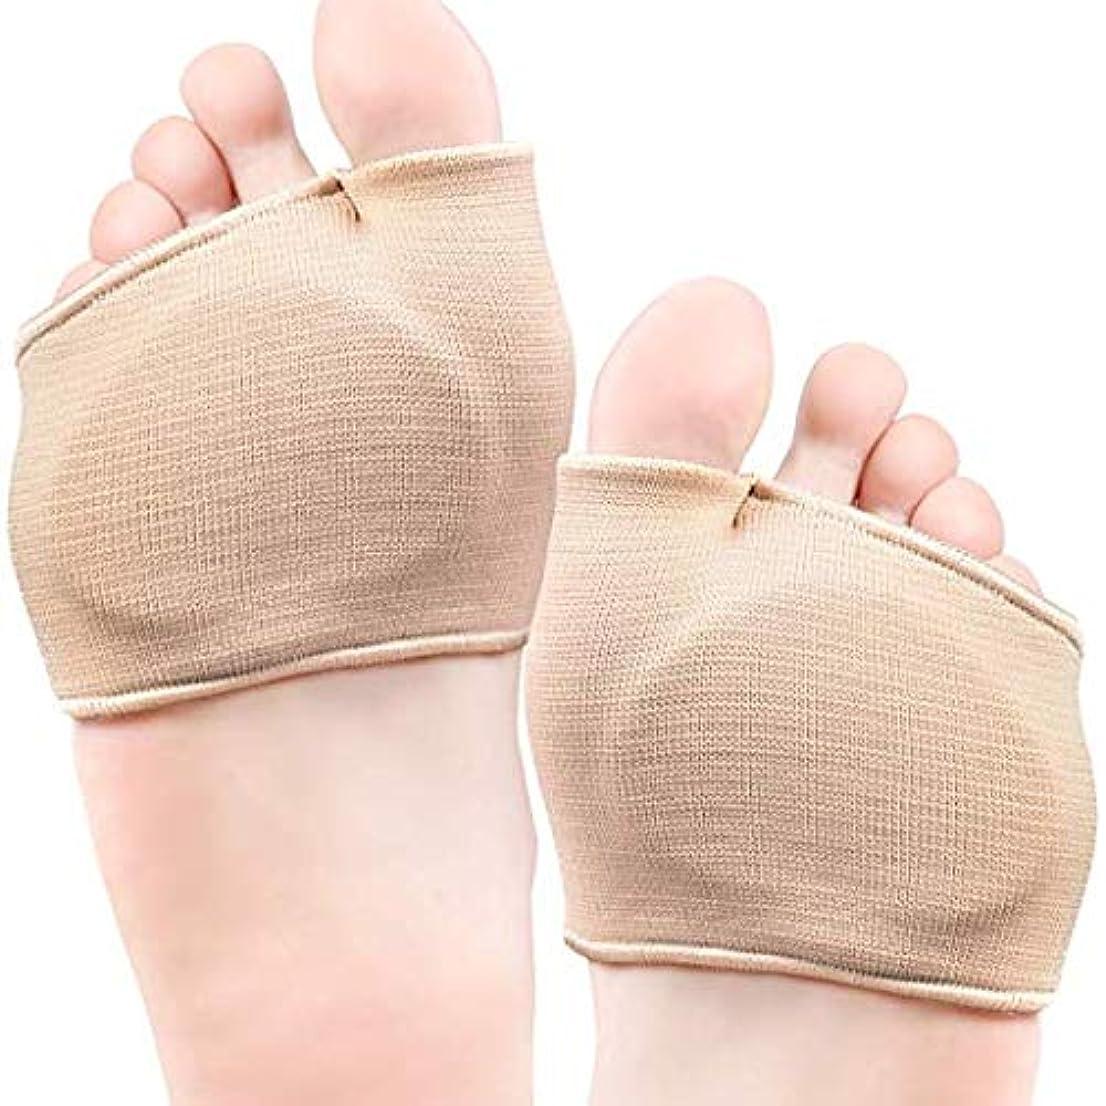 グレートオーク爪カジュアル前足部クッションパッド付き中足部ジェルスリーブ(2ペア)-足の健康のボールをサポート(サイズ:L/XL-中足部スリーブ-靴/ブーツ)